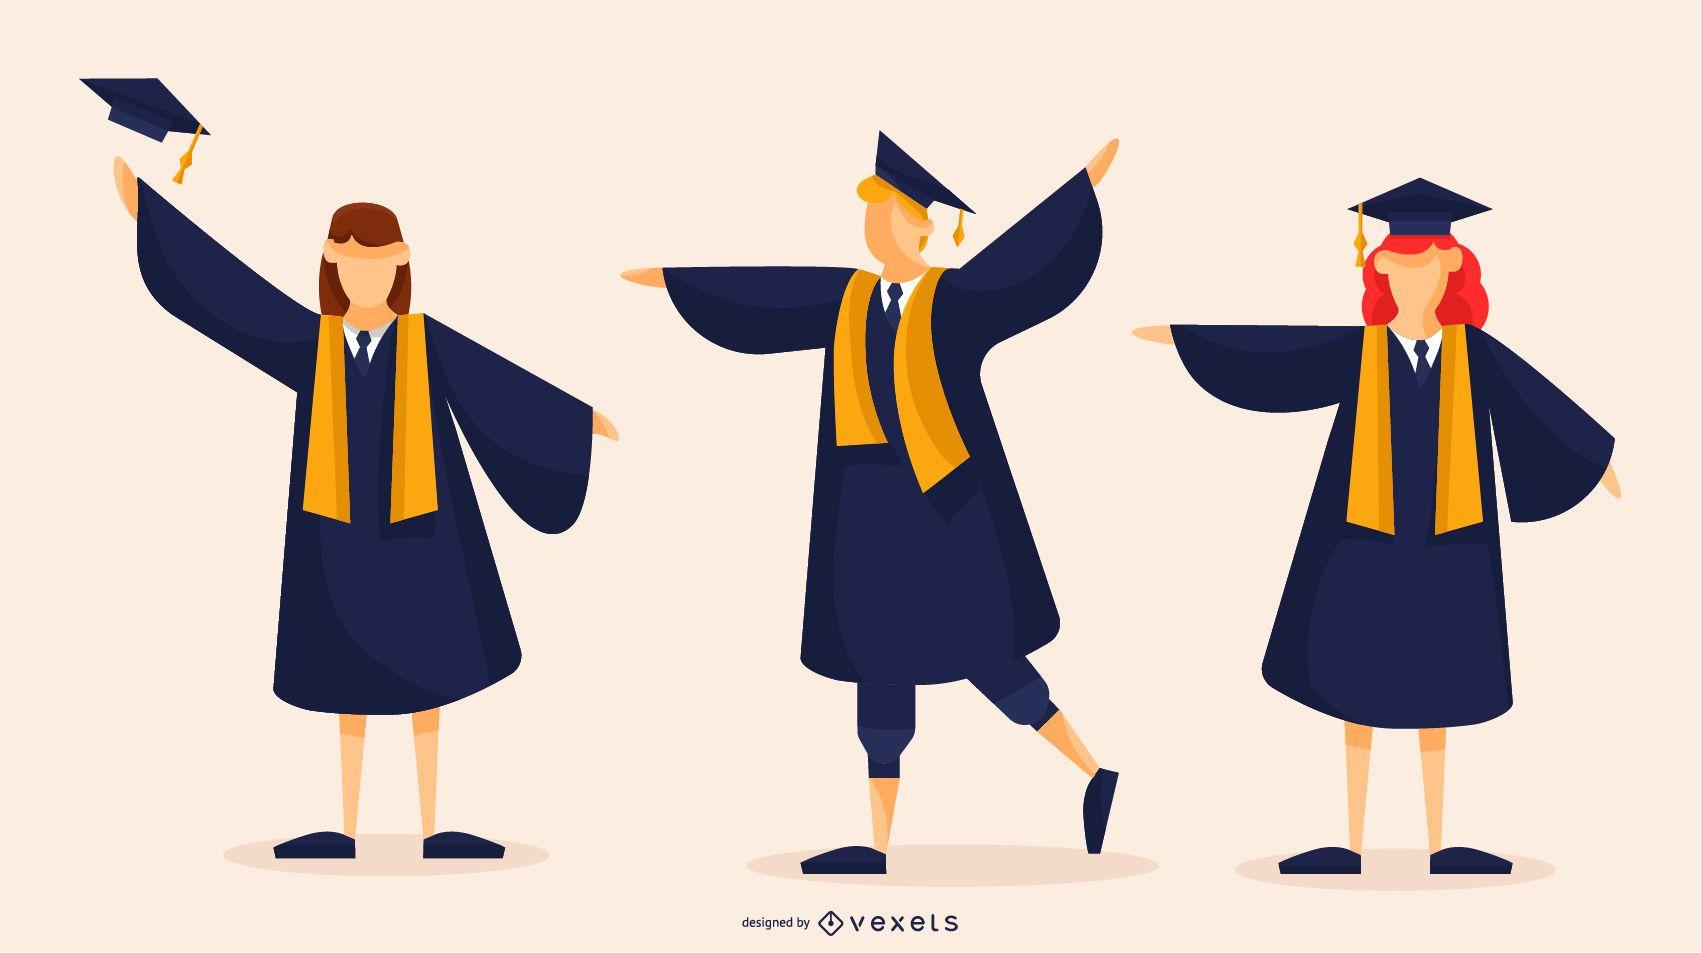 Diseño vectorial de graduados